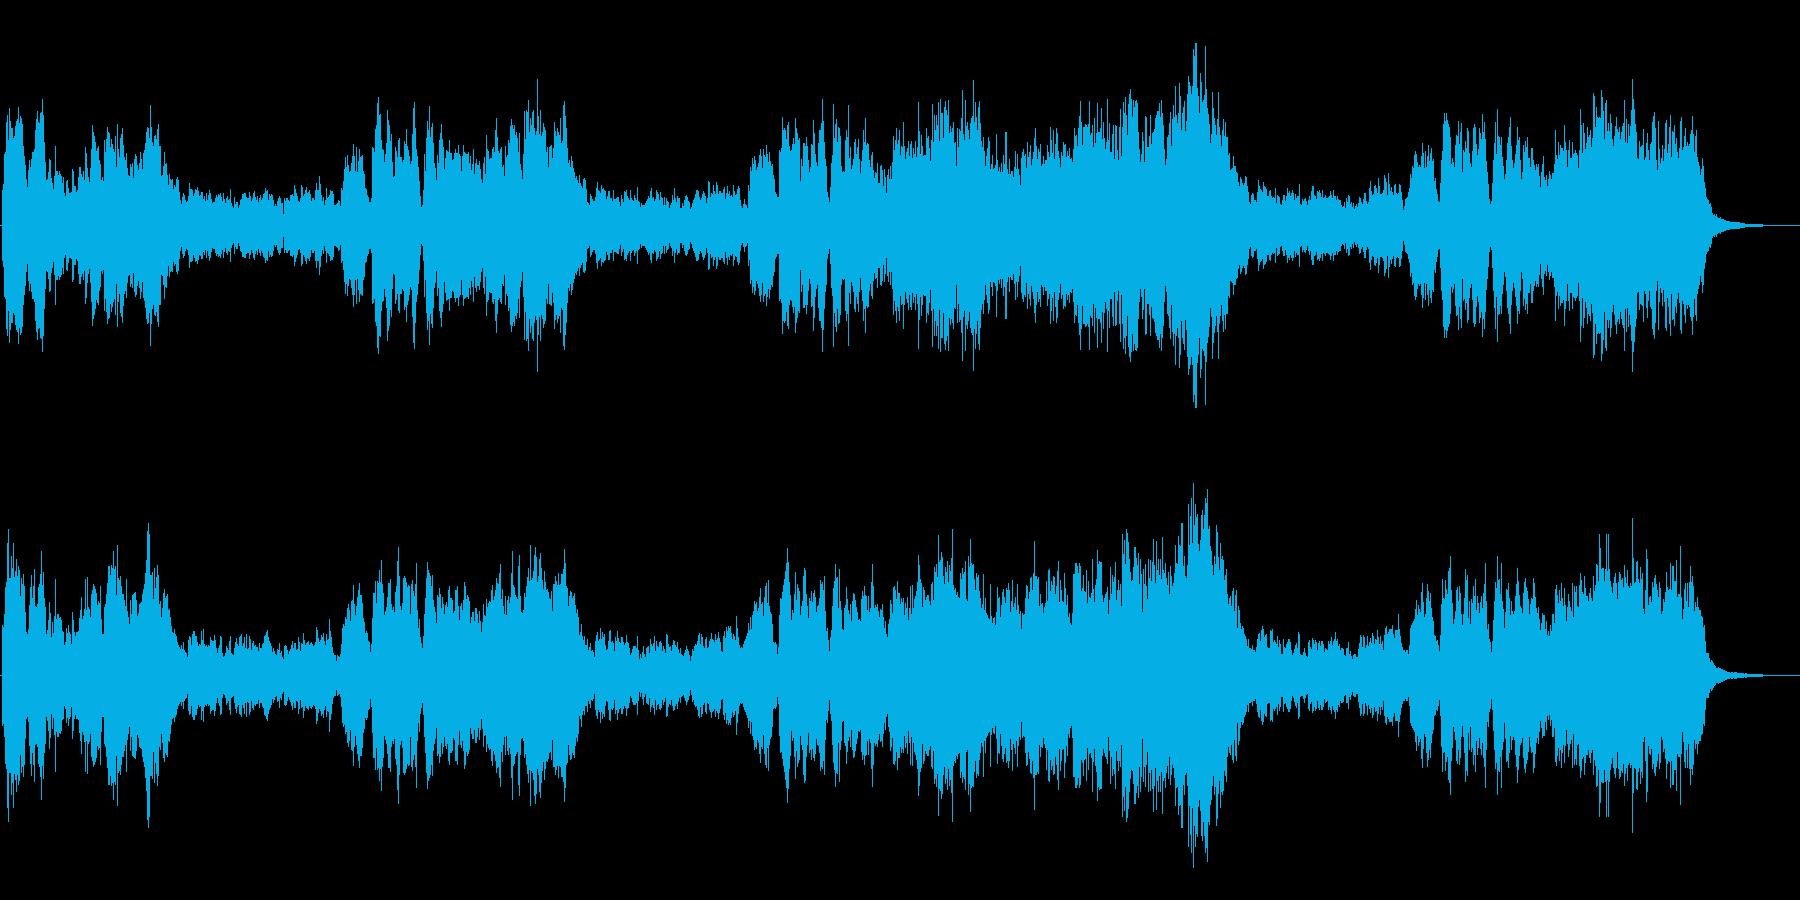 勝利をイメージした交響曲、式典などに最適の再生済みの波形